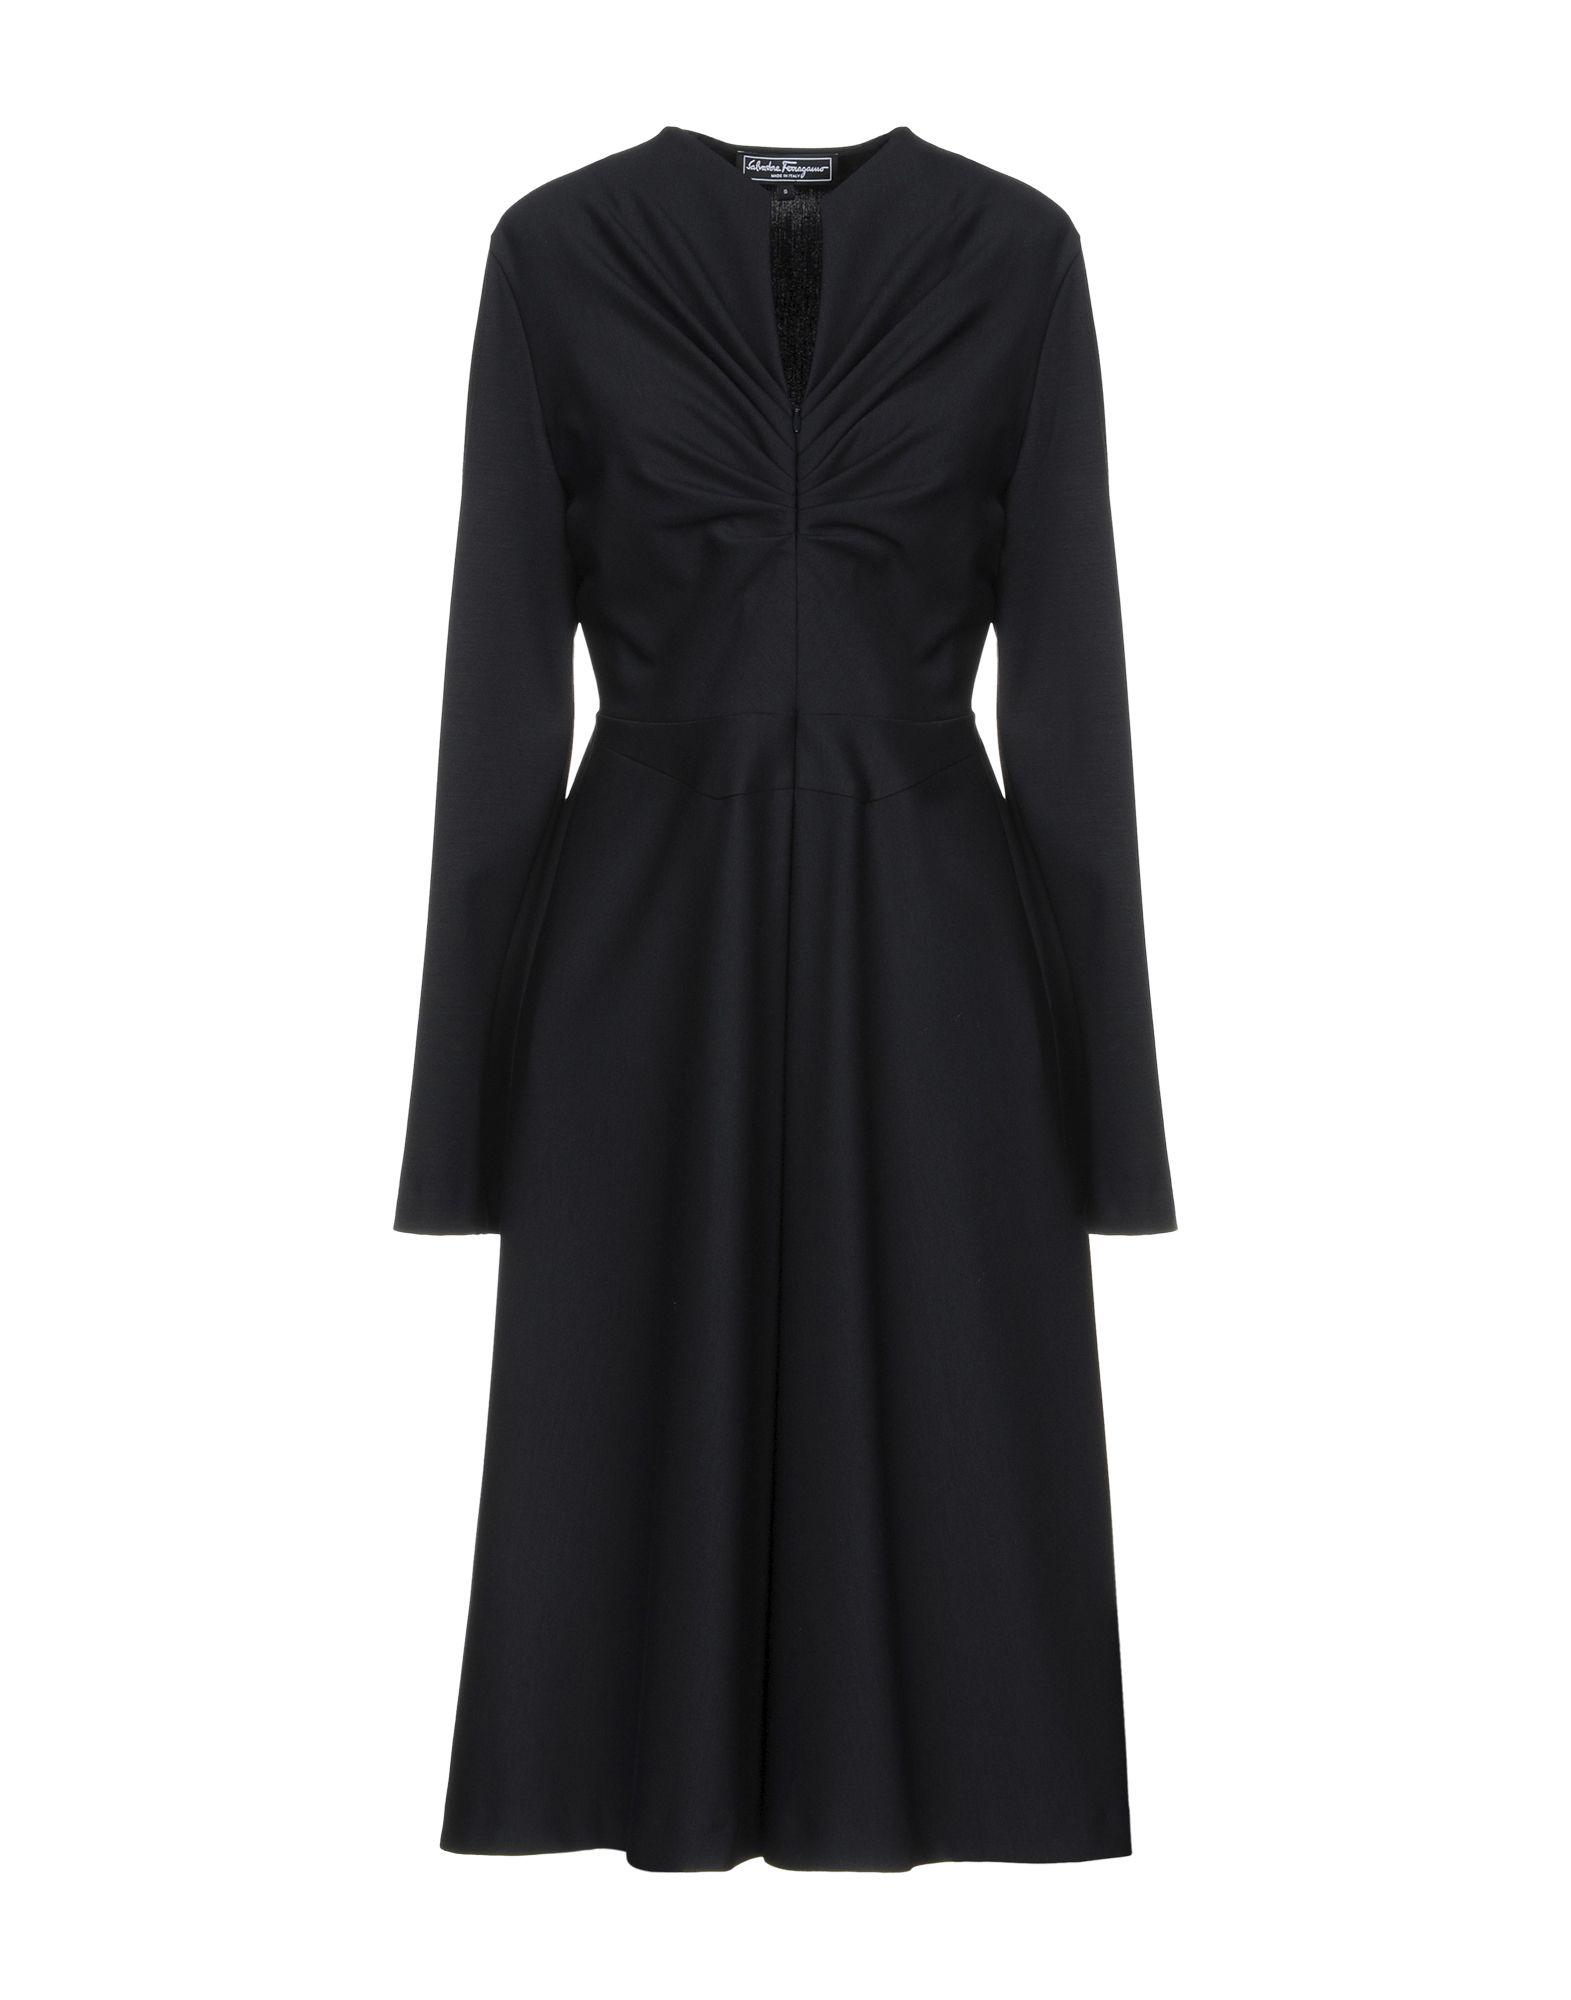 купить SALVATORE FERRAGAMO Платье до колена по цене 43500 рублей